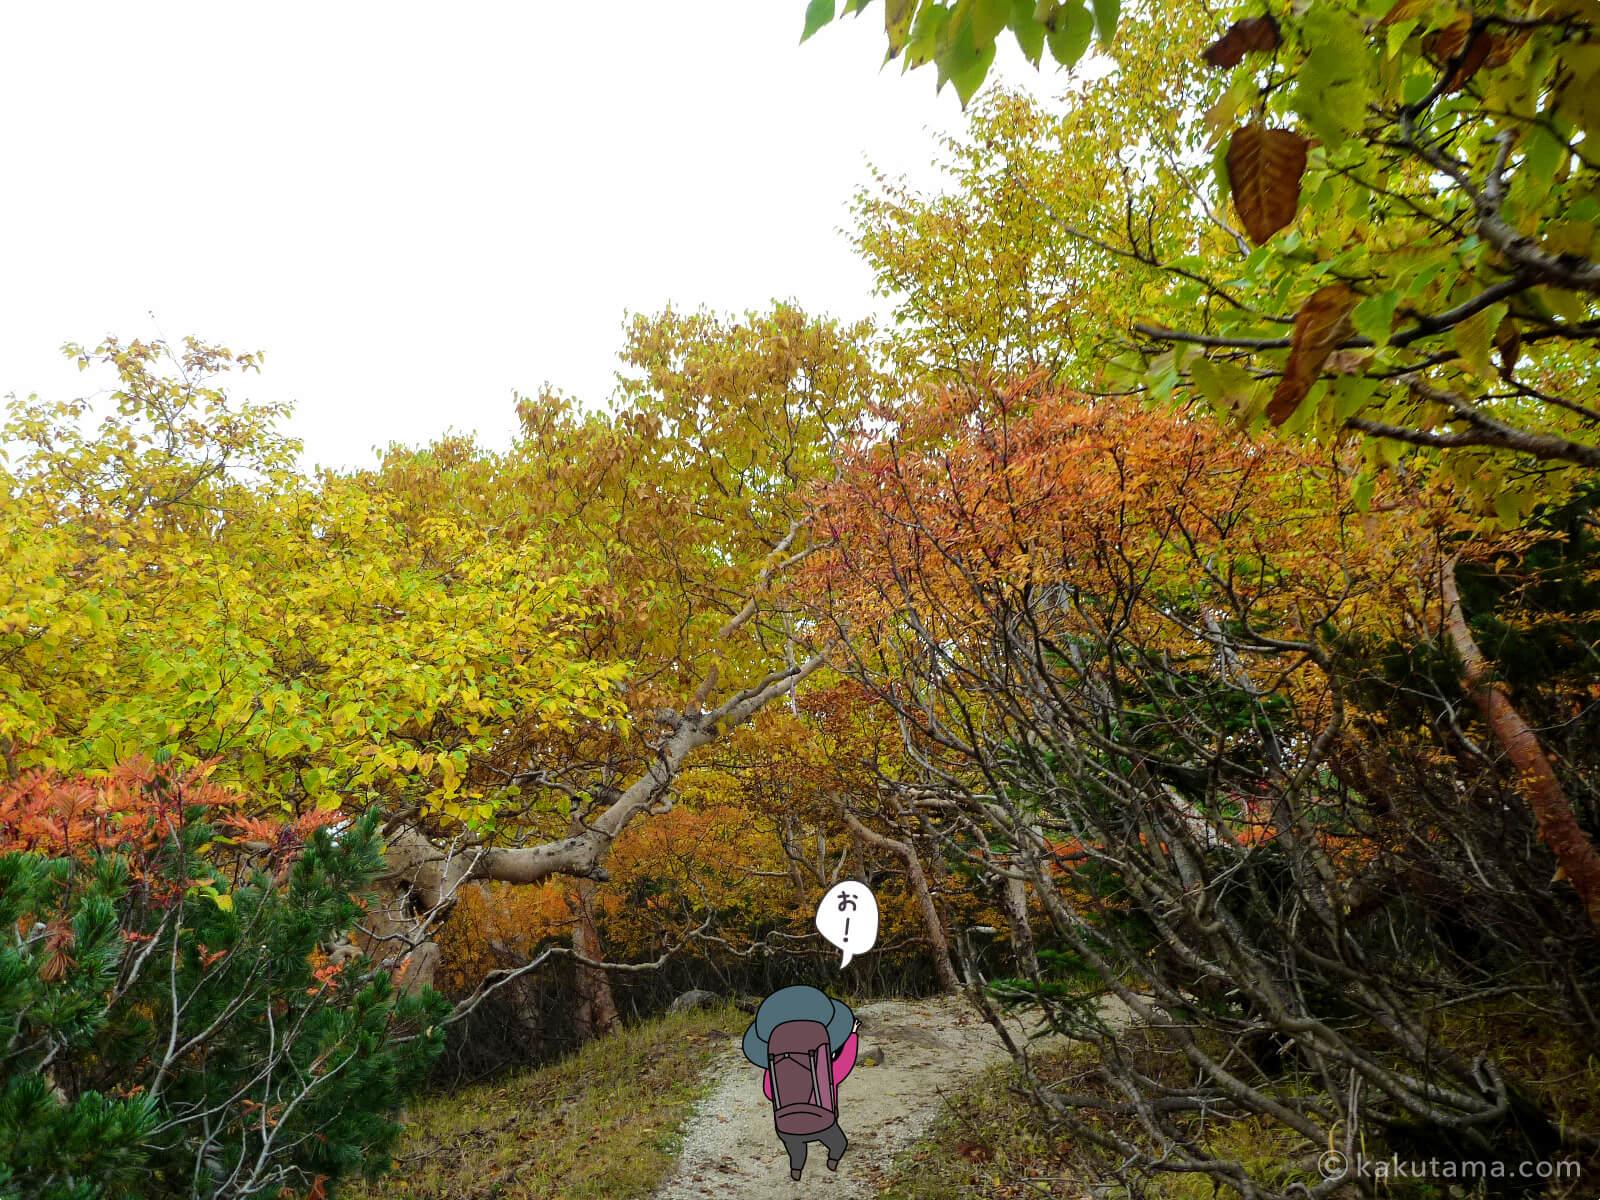 鳳凰三山薬師岳での紅葉写真とイラスト4